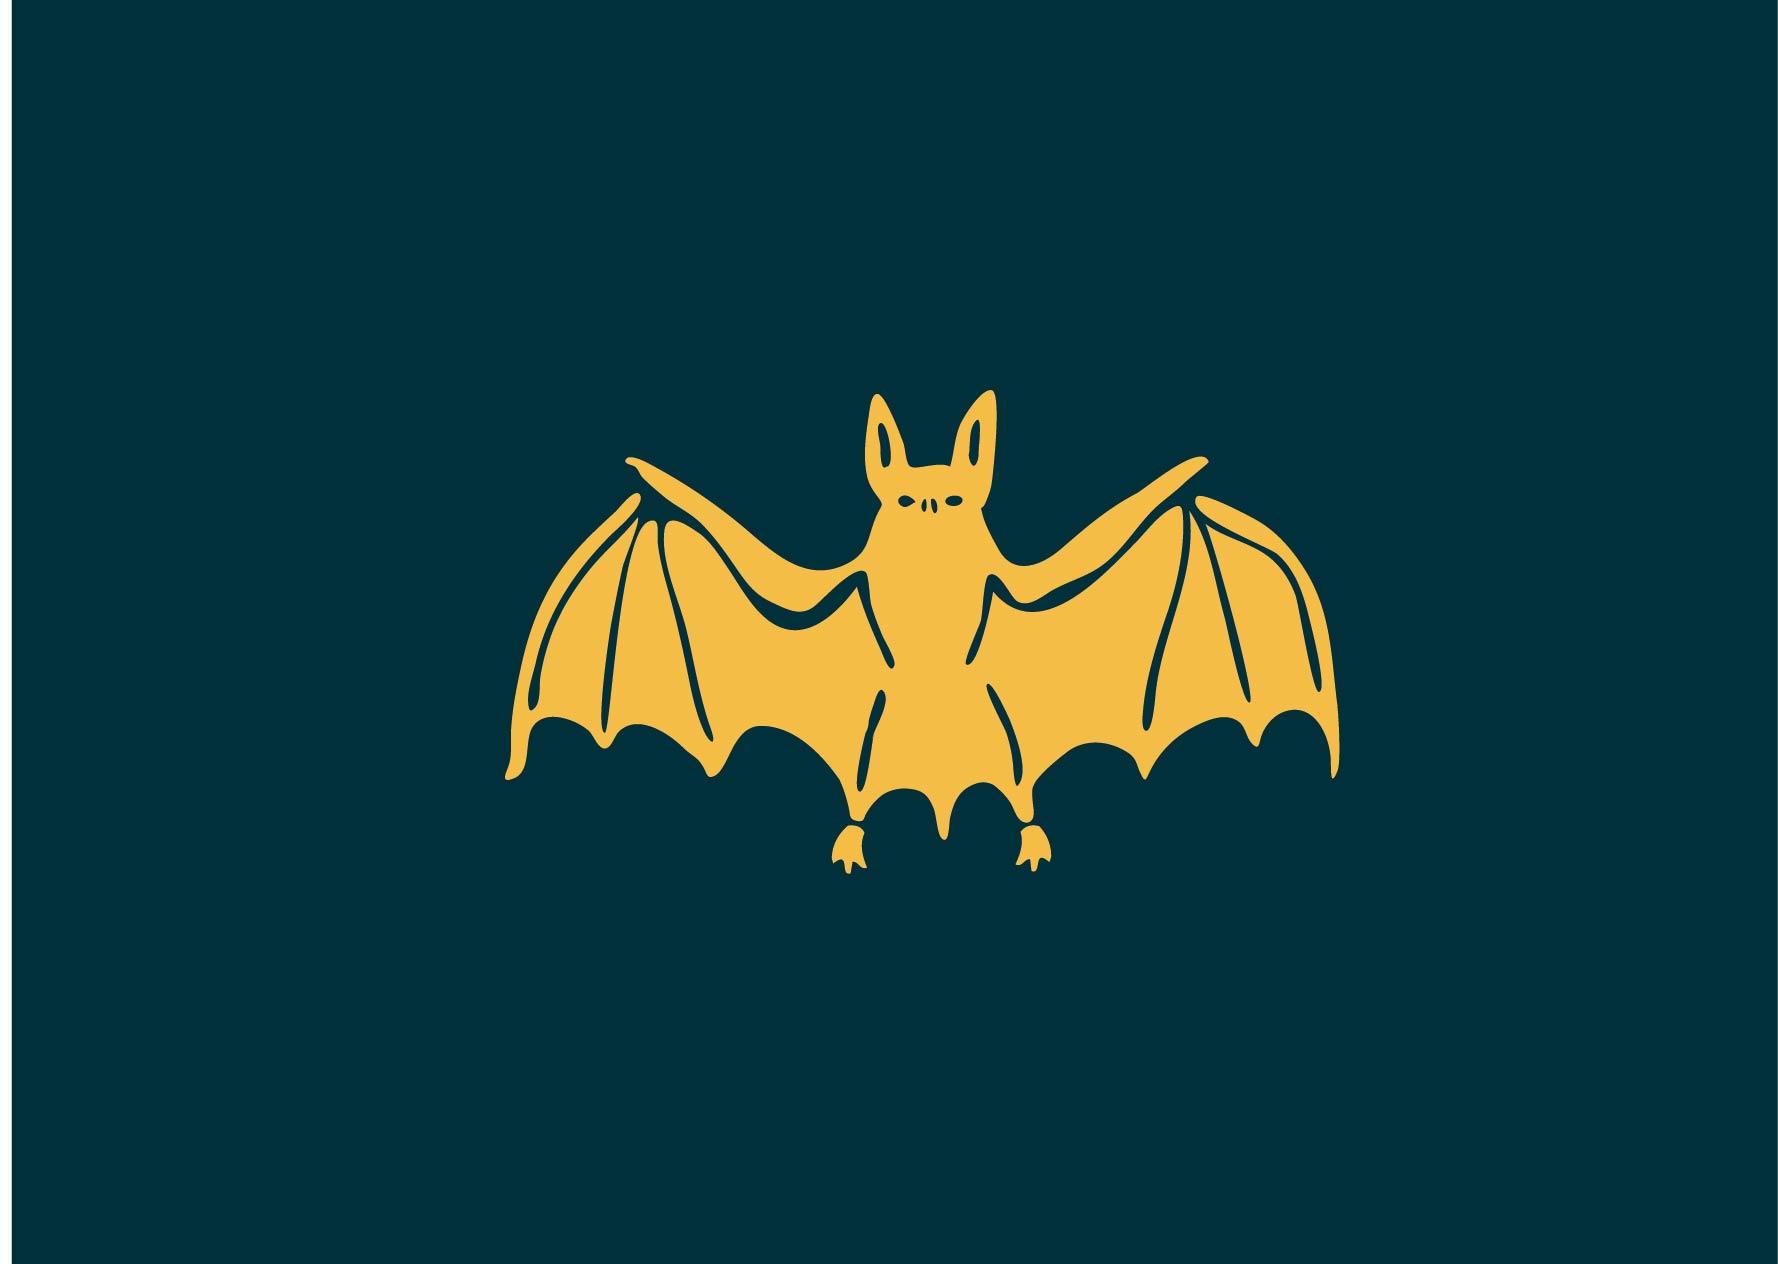 ¿Cuándo, cómo y por qué elegimos al murciélago en WOLHER?